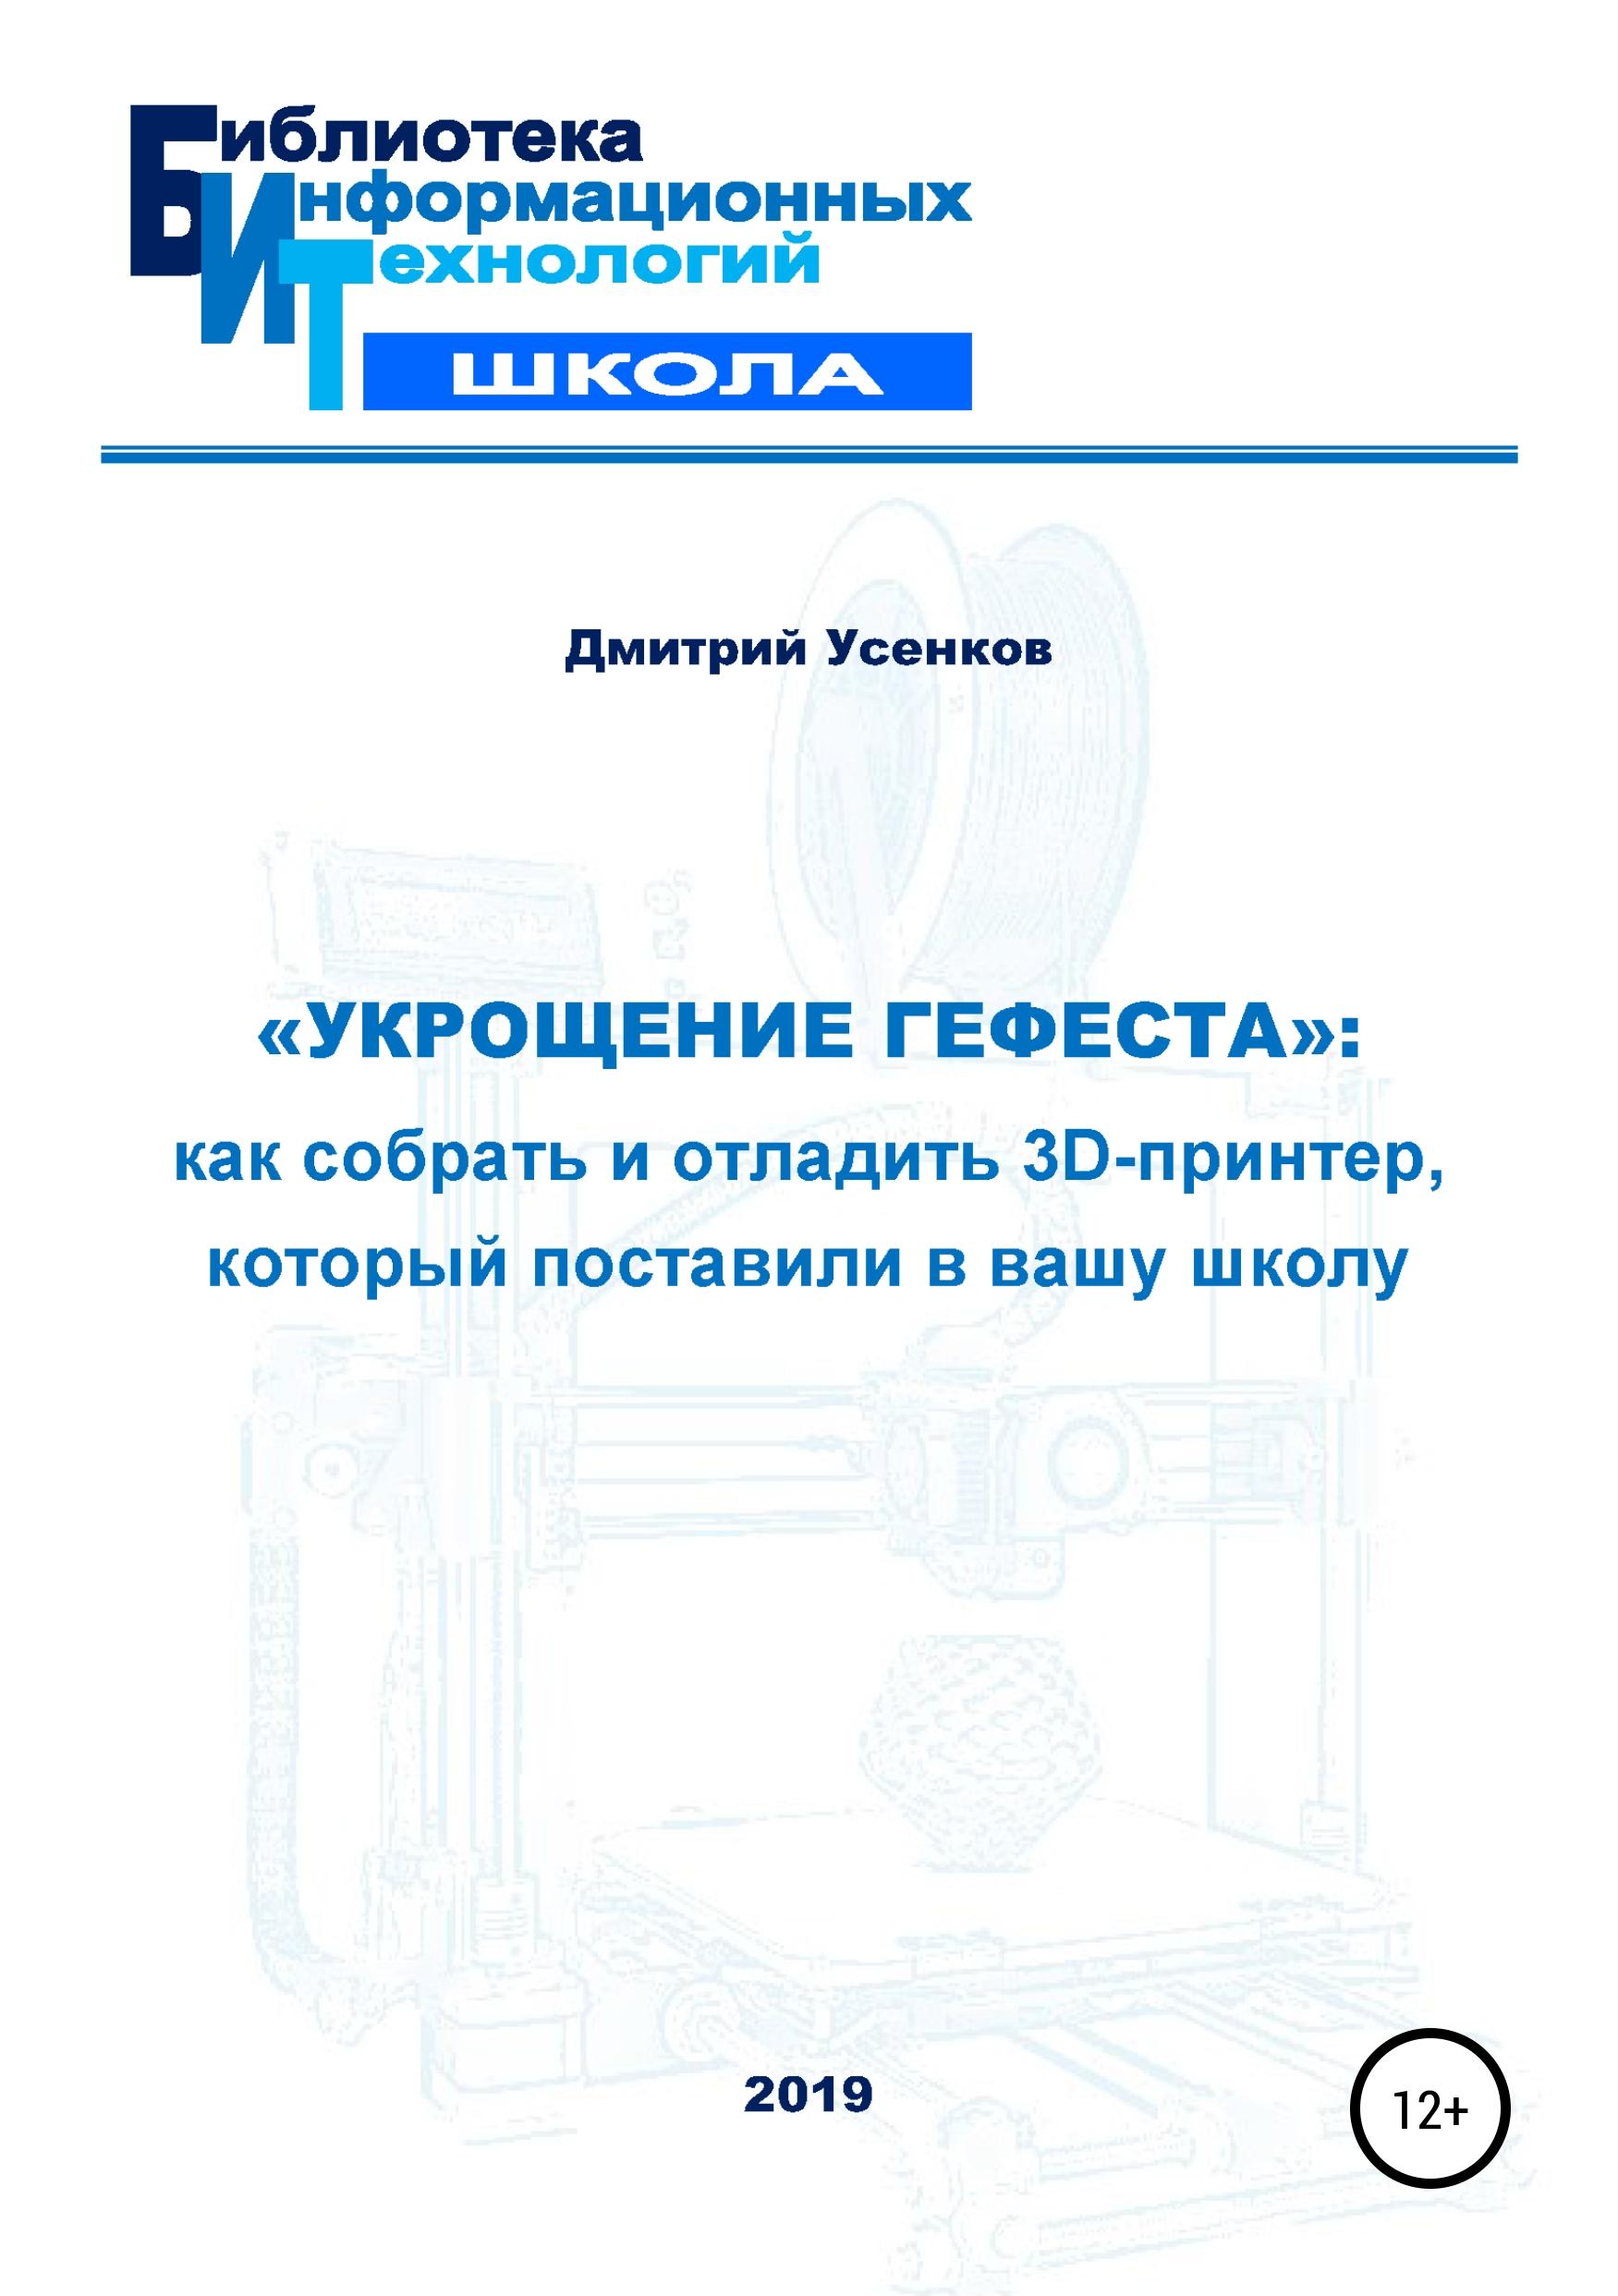 Дмитрий Юрьевич Усенков «Укрощение Гефеста»: как собрать и отладить 3D-принтер, который поставили в вашу школу